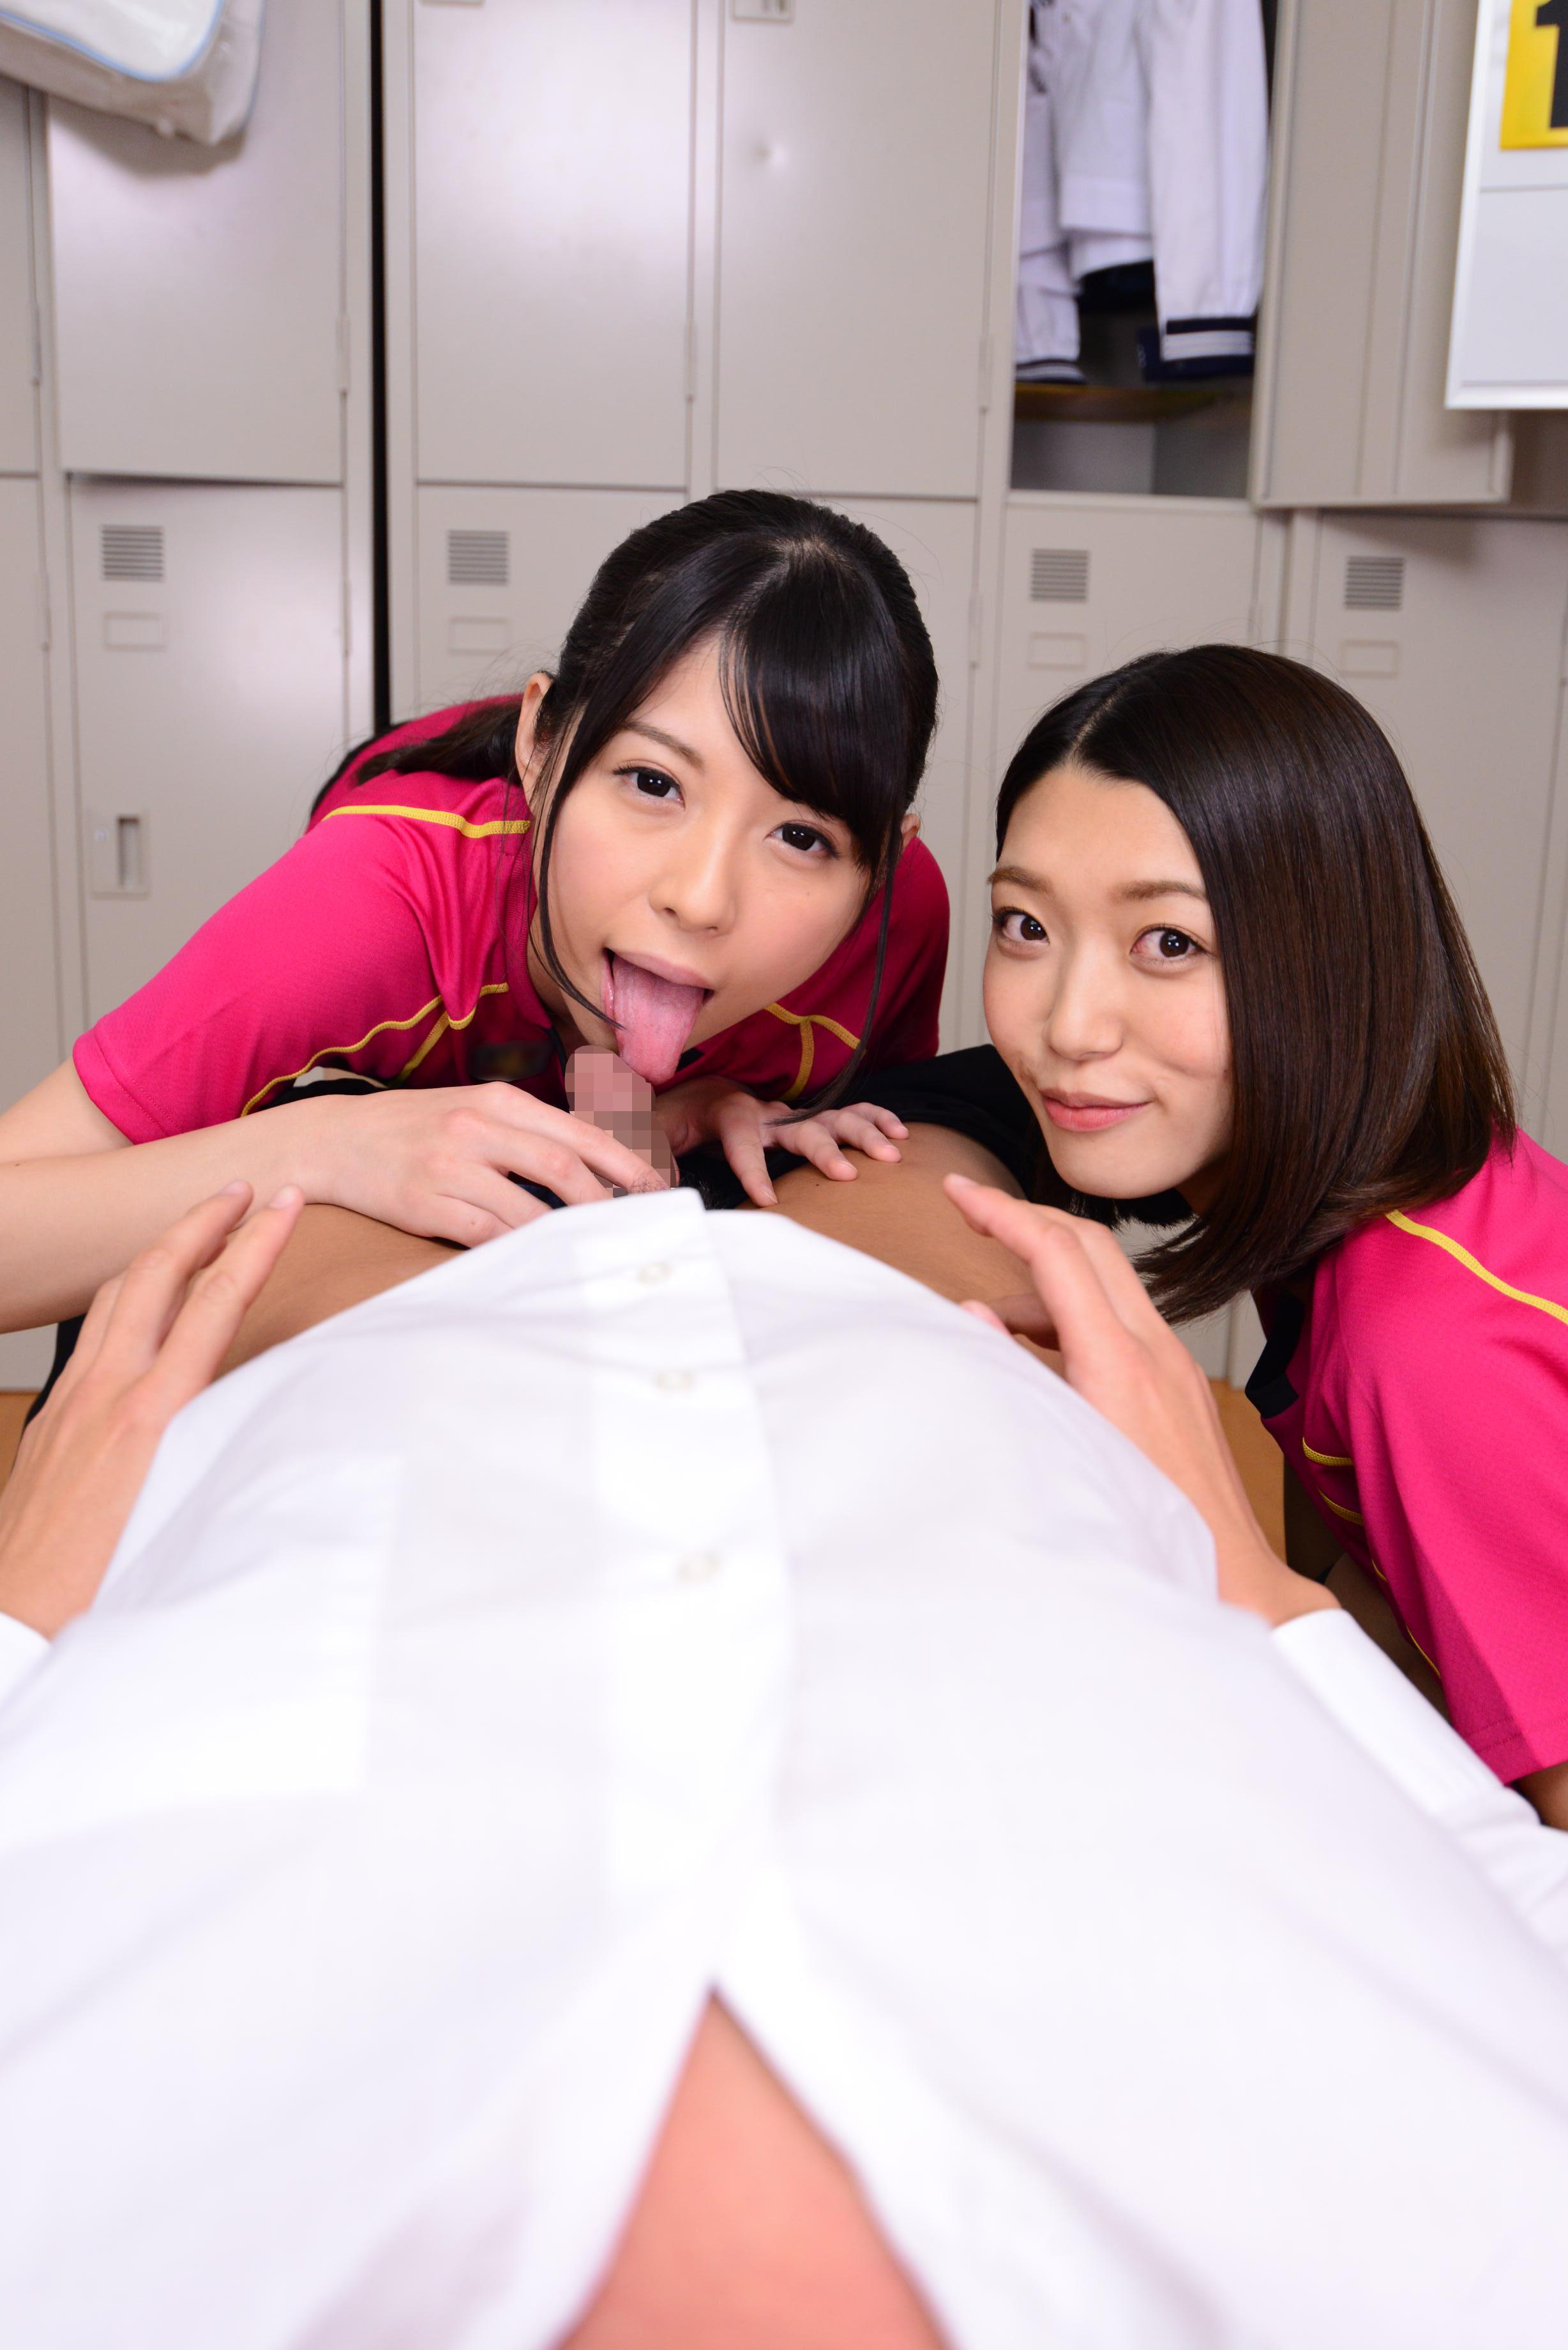 【エロ画像】制服女子が寄って集ってチンポを取り合う疑似体験ヤッバすぎwwwwwwwwwwwwww・23枚目